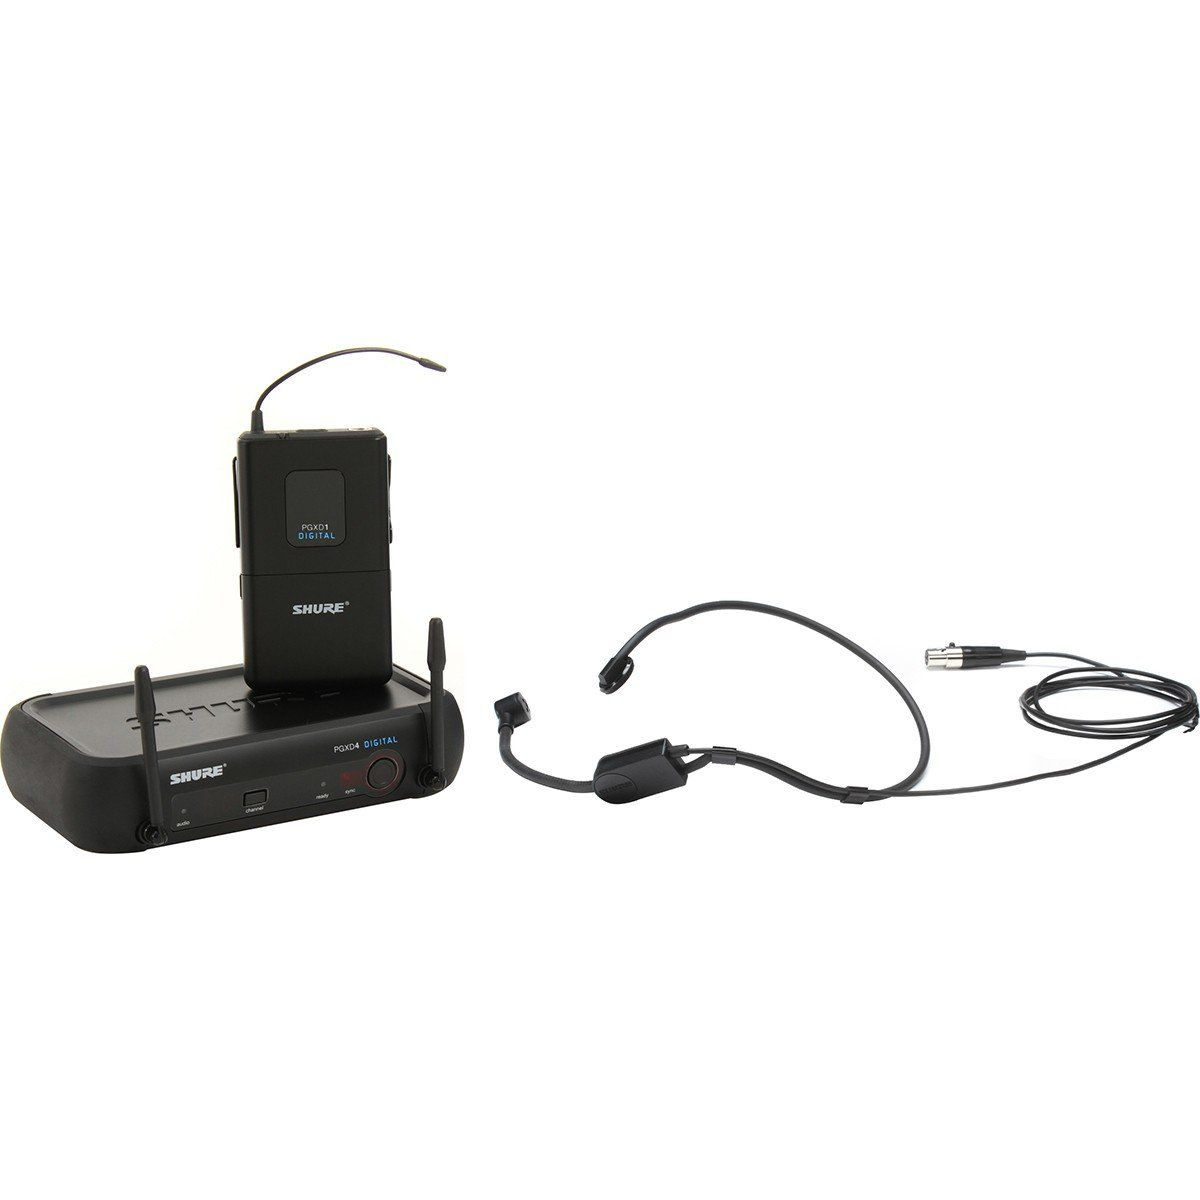 Shure PGXD14/PGA31 Microfone Shure PGXD14-PGA31 para Apresentações e Palestras